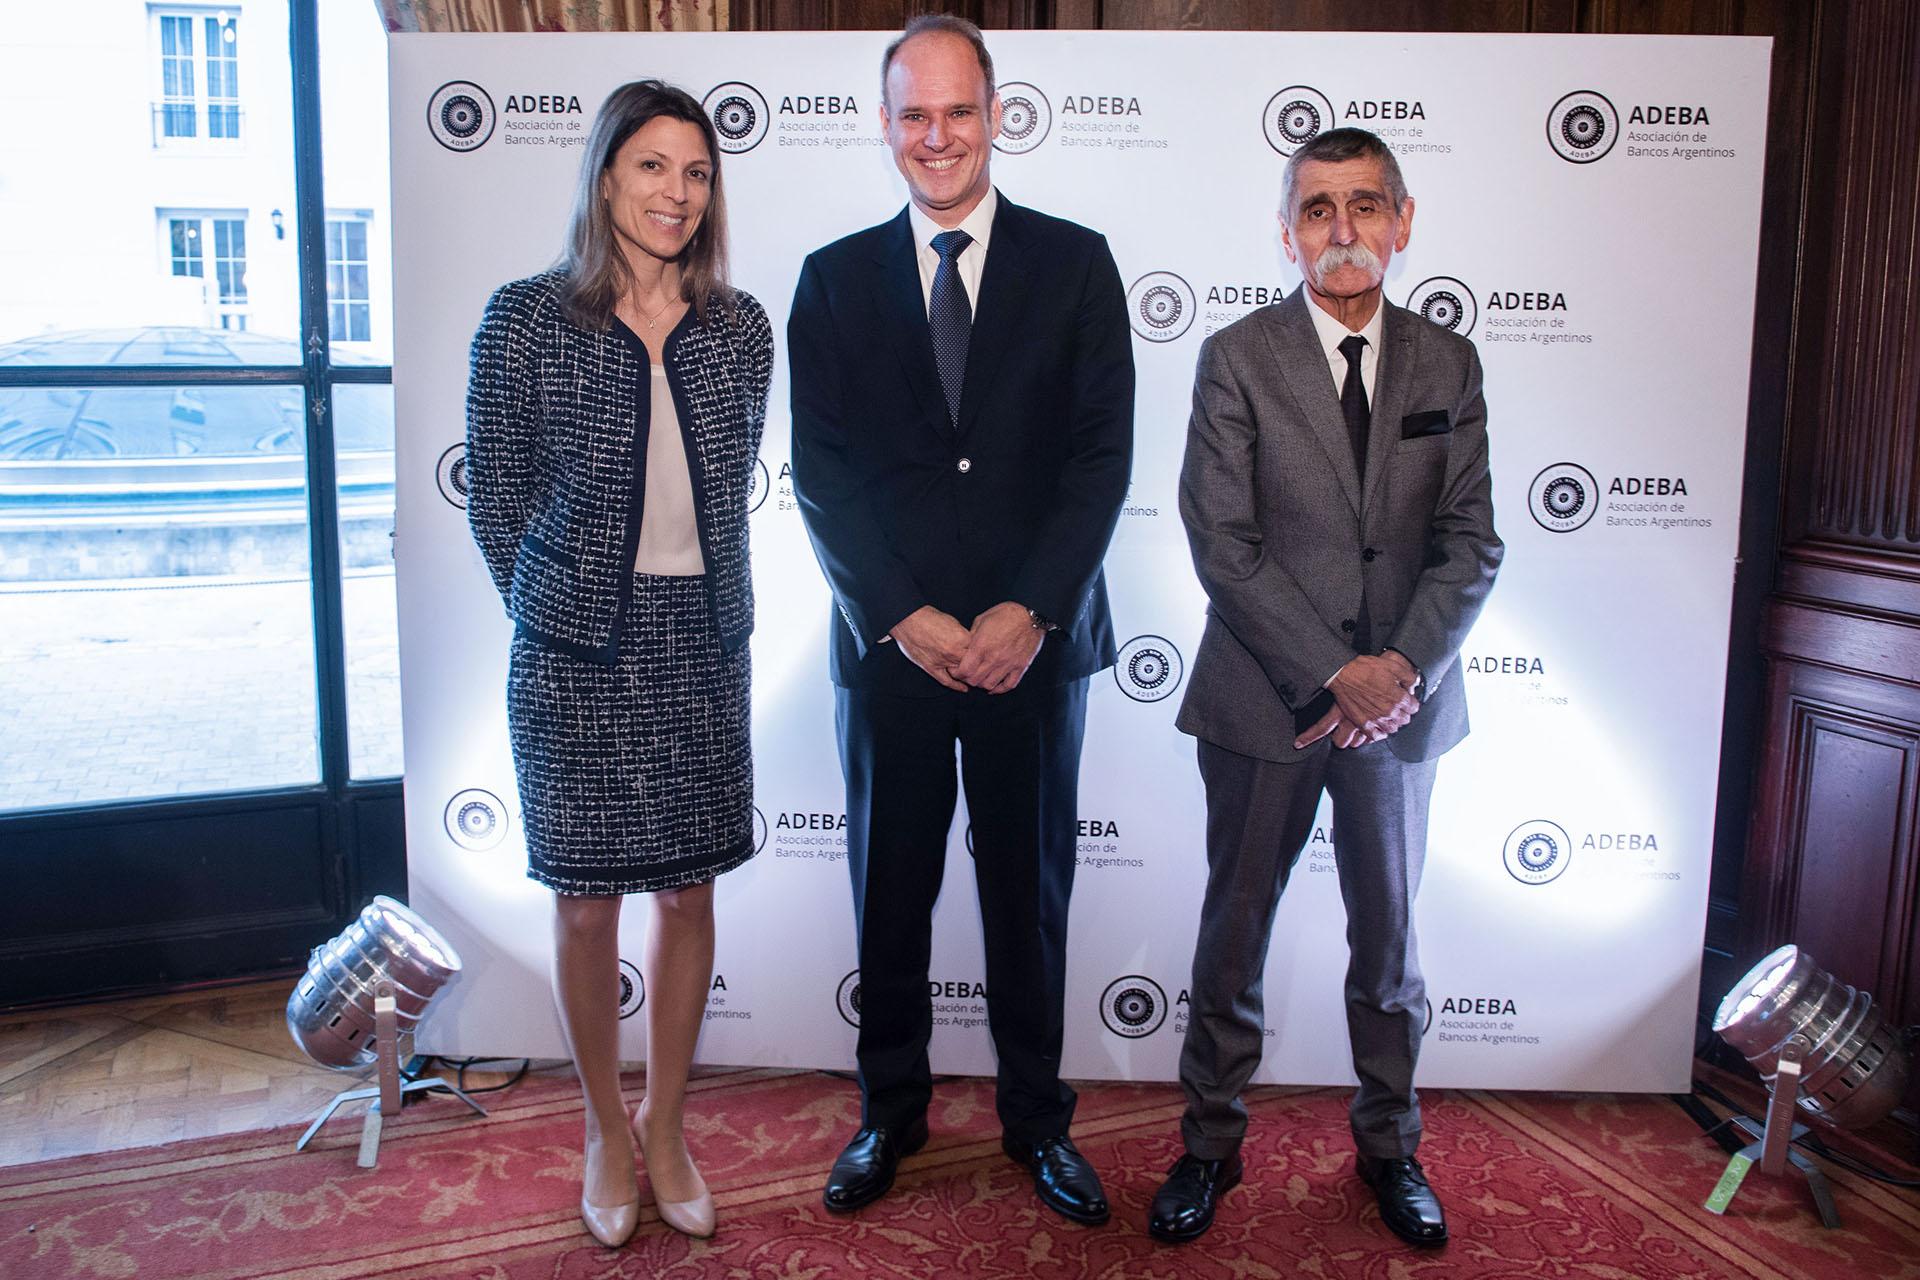 El presidente de ADEBA, Javier Bolzico, recibe a Isela Costantini, CEO de GST, y a Roberto Domínguez, presidente del BST